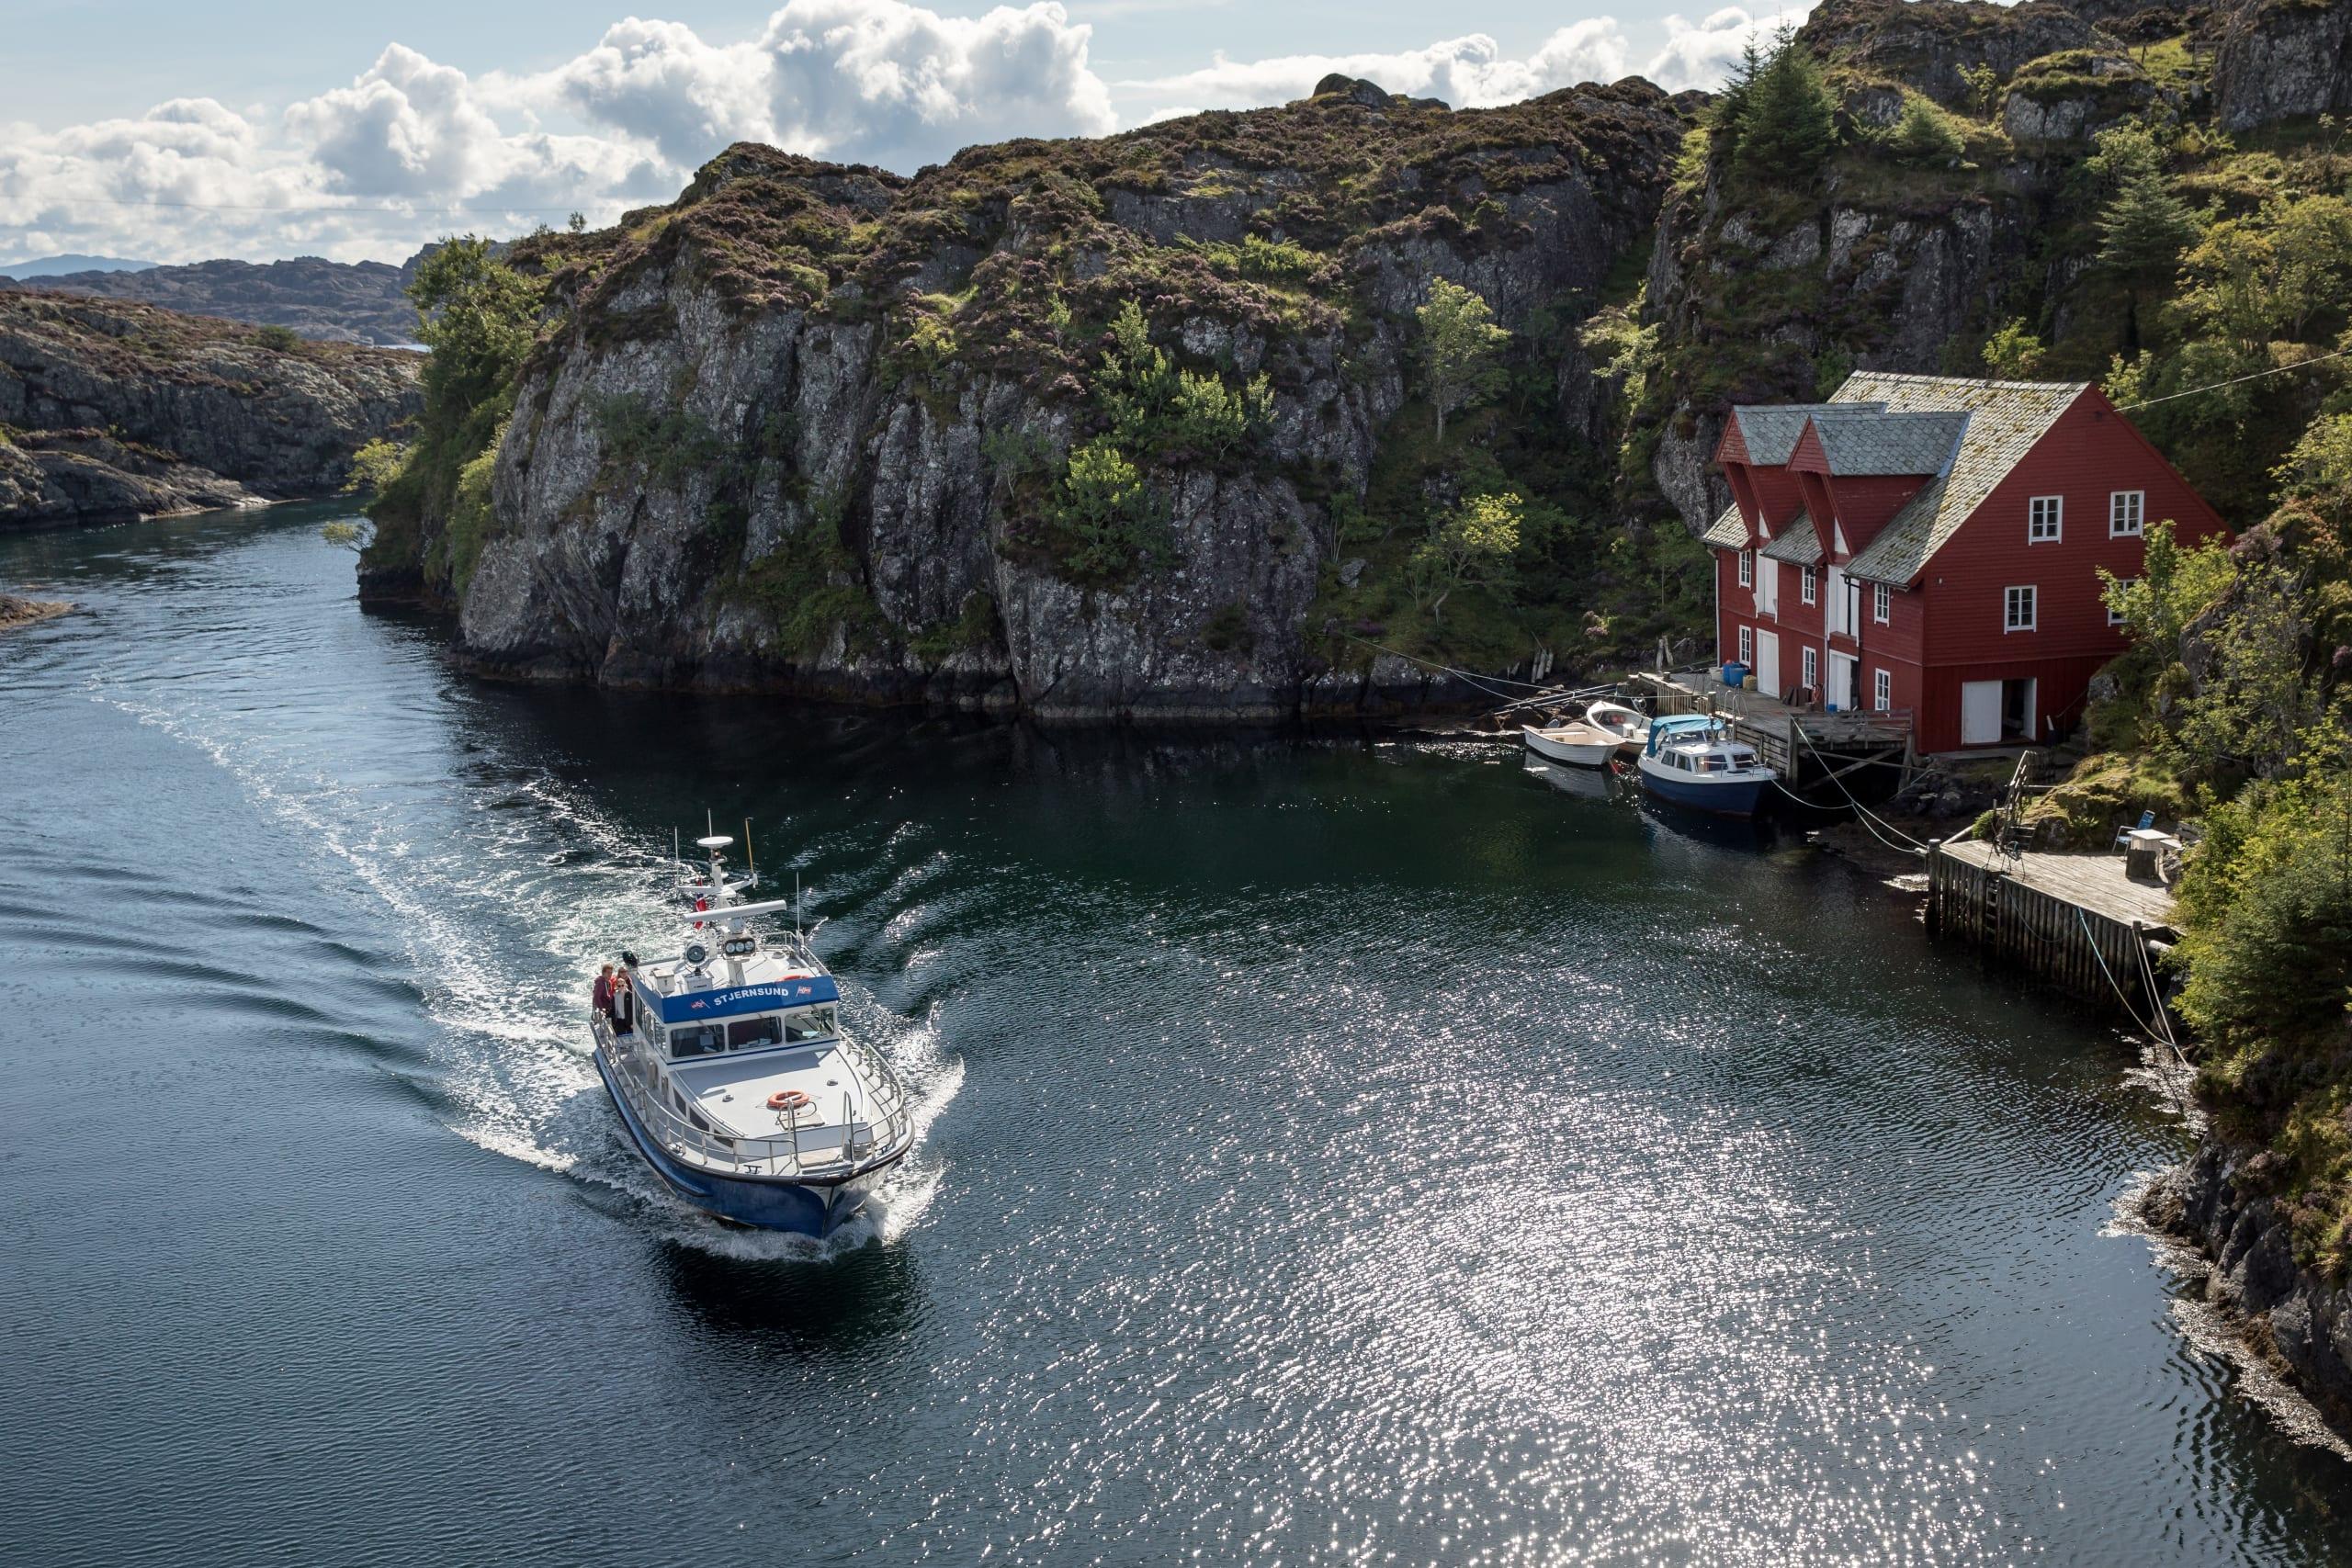 Postal boat sailing in the archipelago of Bulandet